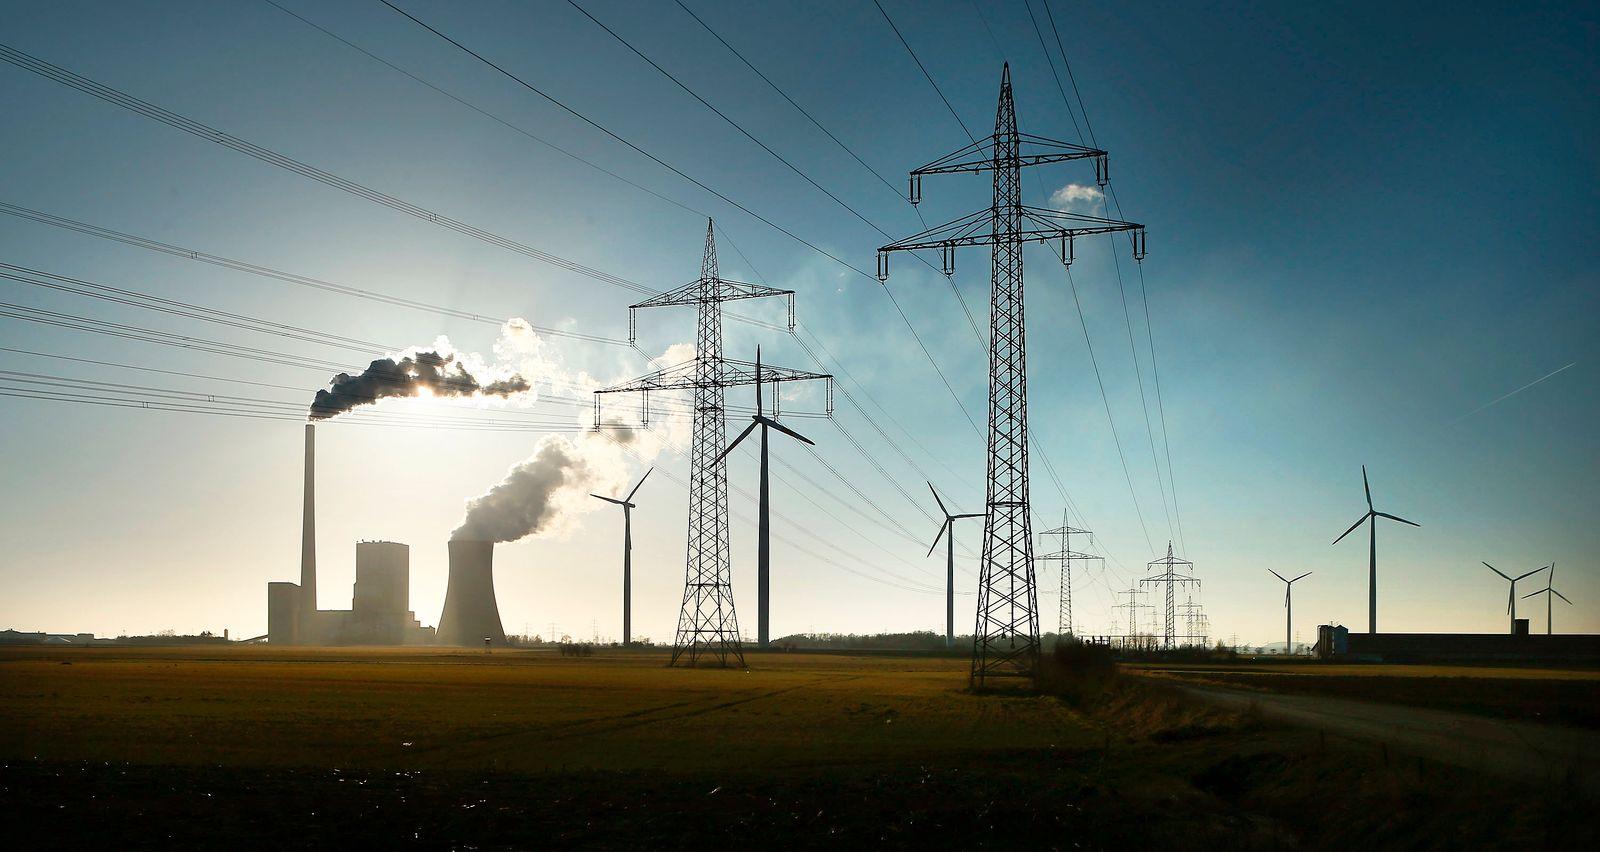 Windenergie / Strom / Erneuerbare Energie / Windrad / Kohle-Kraftwek / Strommasten